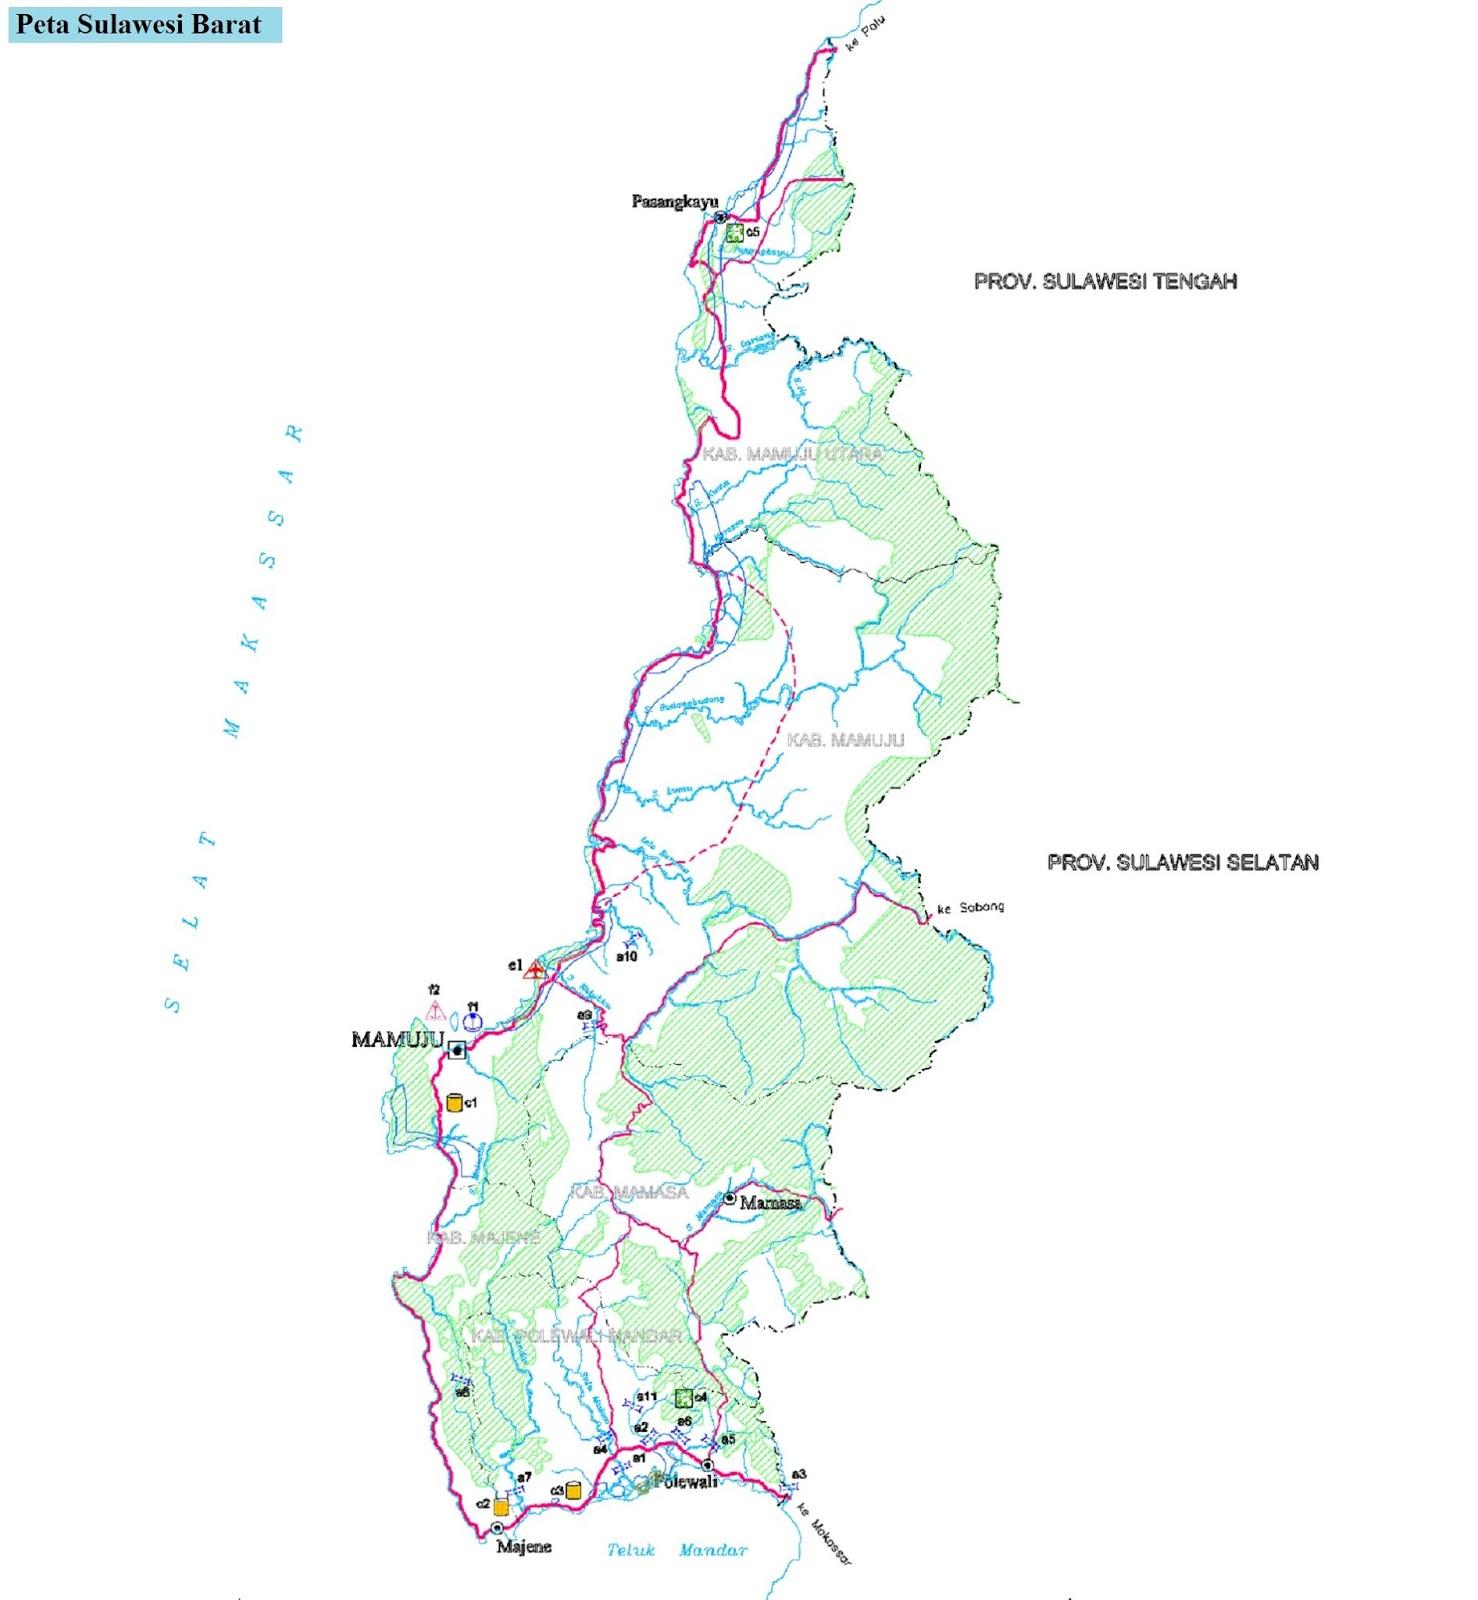 Peta Sulawesi Barat HD